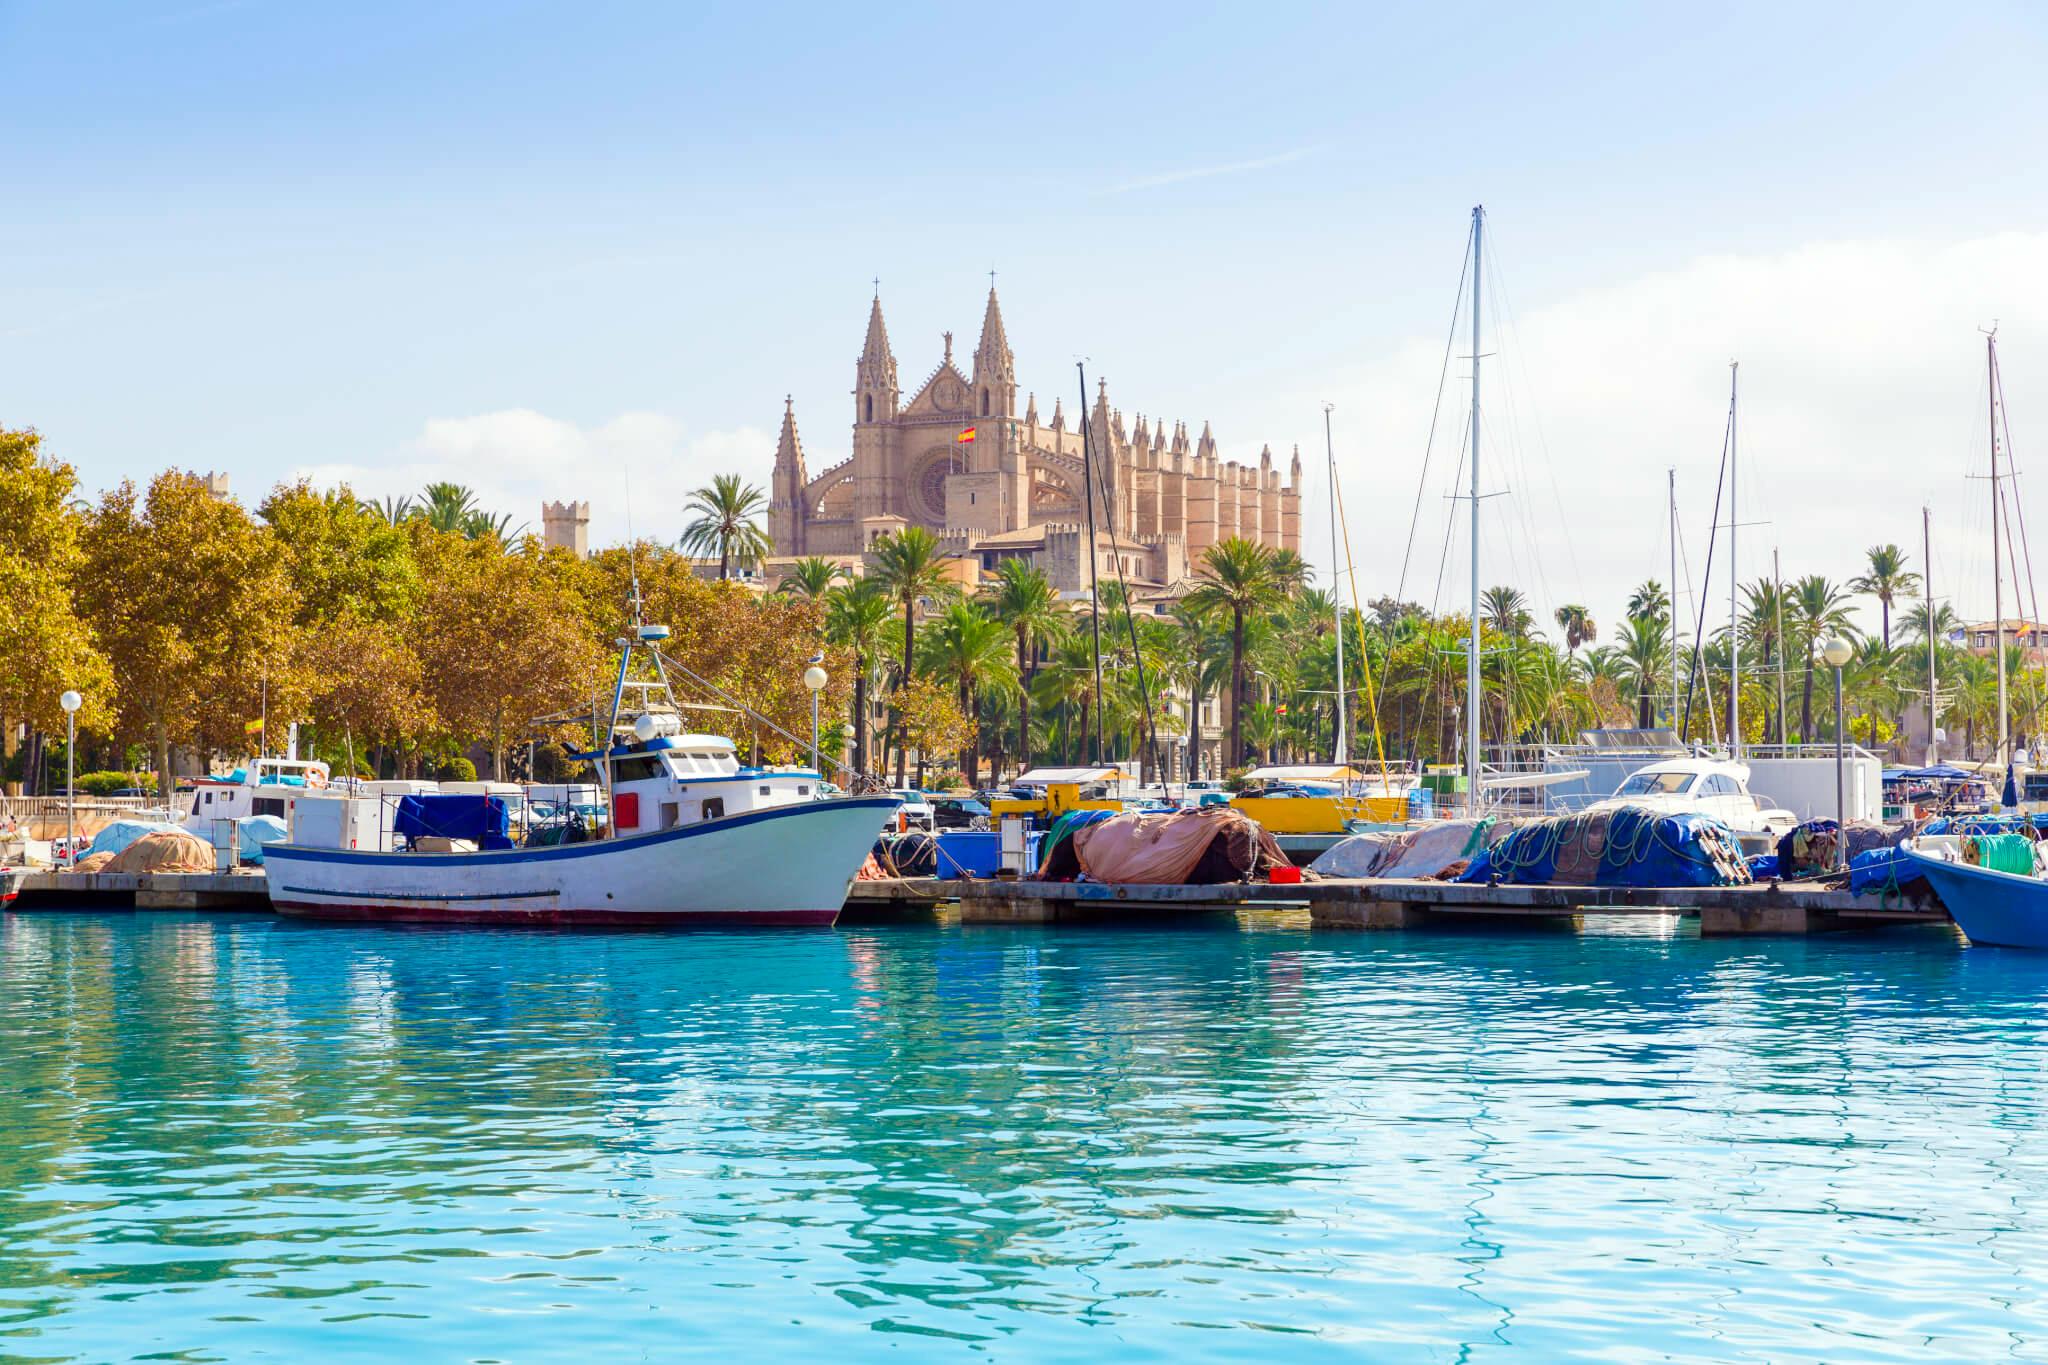 Захватывающее путешествие по Европе: Барселона, Пальма-де-Майорка, Ла Специа, Рим, Неаполь - Туристический оператор APL Travel (АПЛ Тревел)